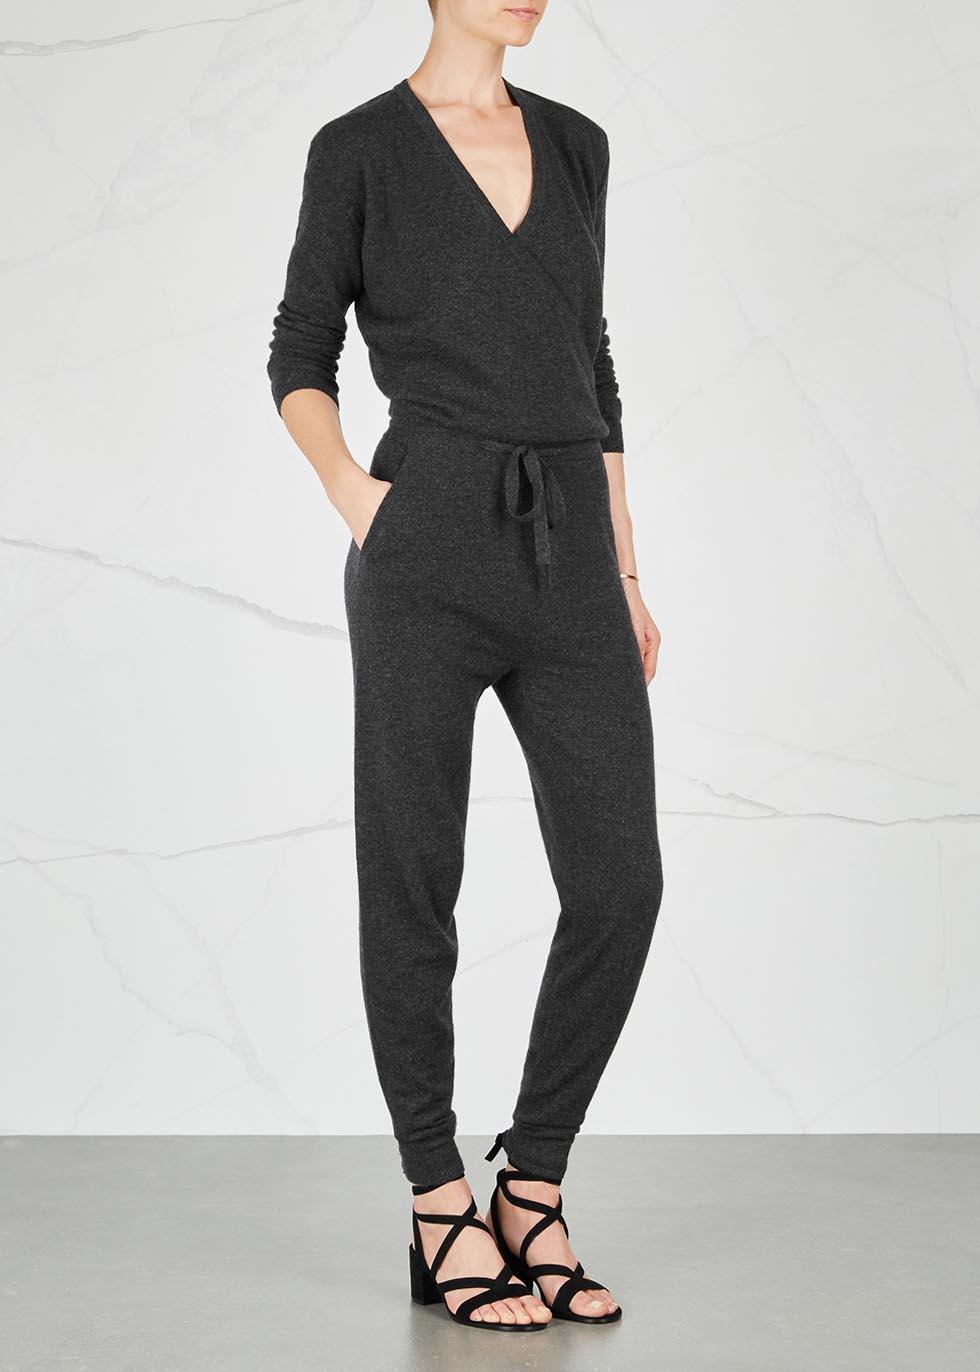 Lima charcoal cashmere jumpsuit - Le Kasha